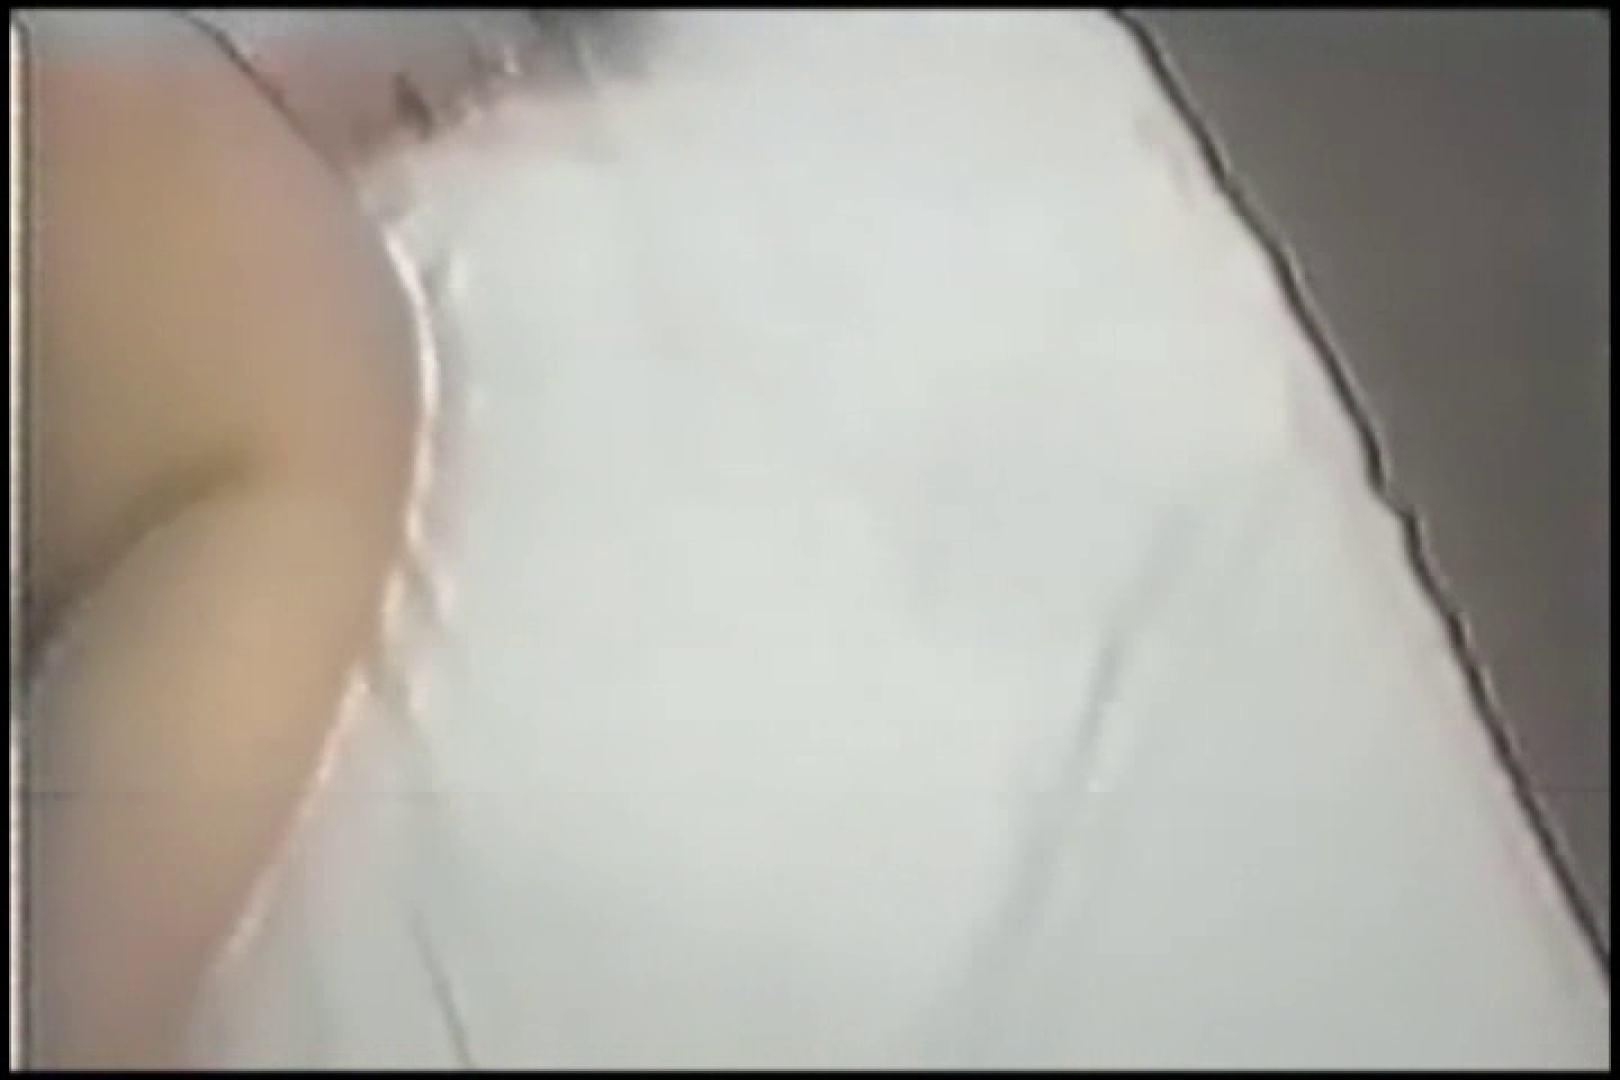 前後不覚に酔っている女を撮影する鬼畜親父 ホテル | 一般投稿  75画像 68